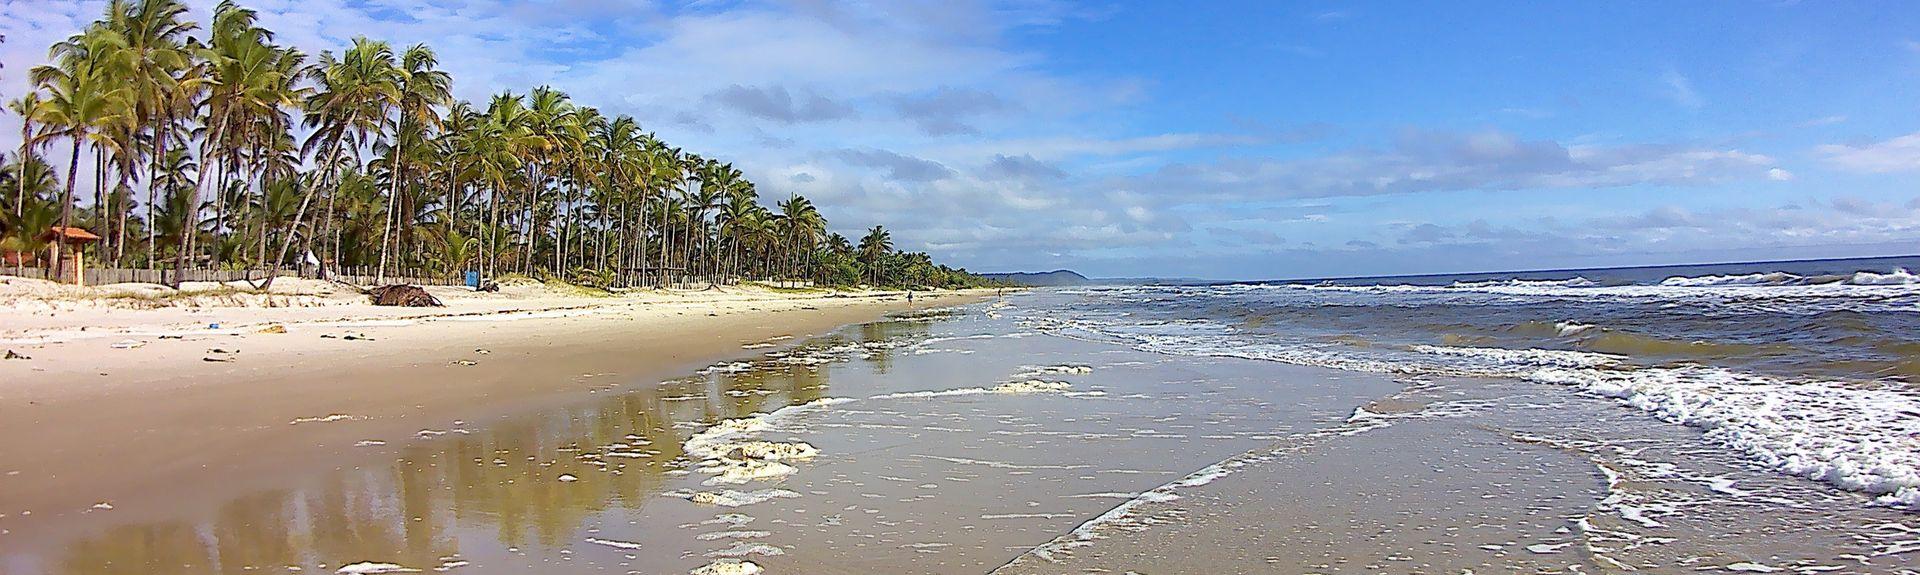 Ilheus (IOS), Ilheus, Bahia, Brazylia